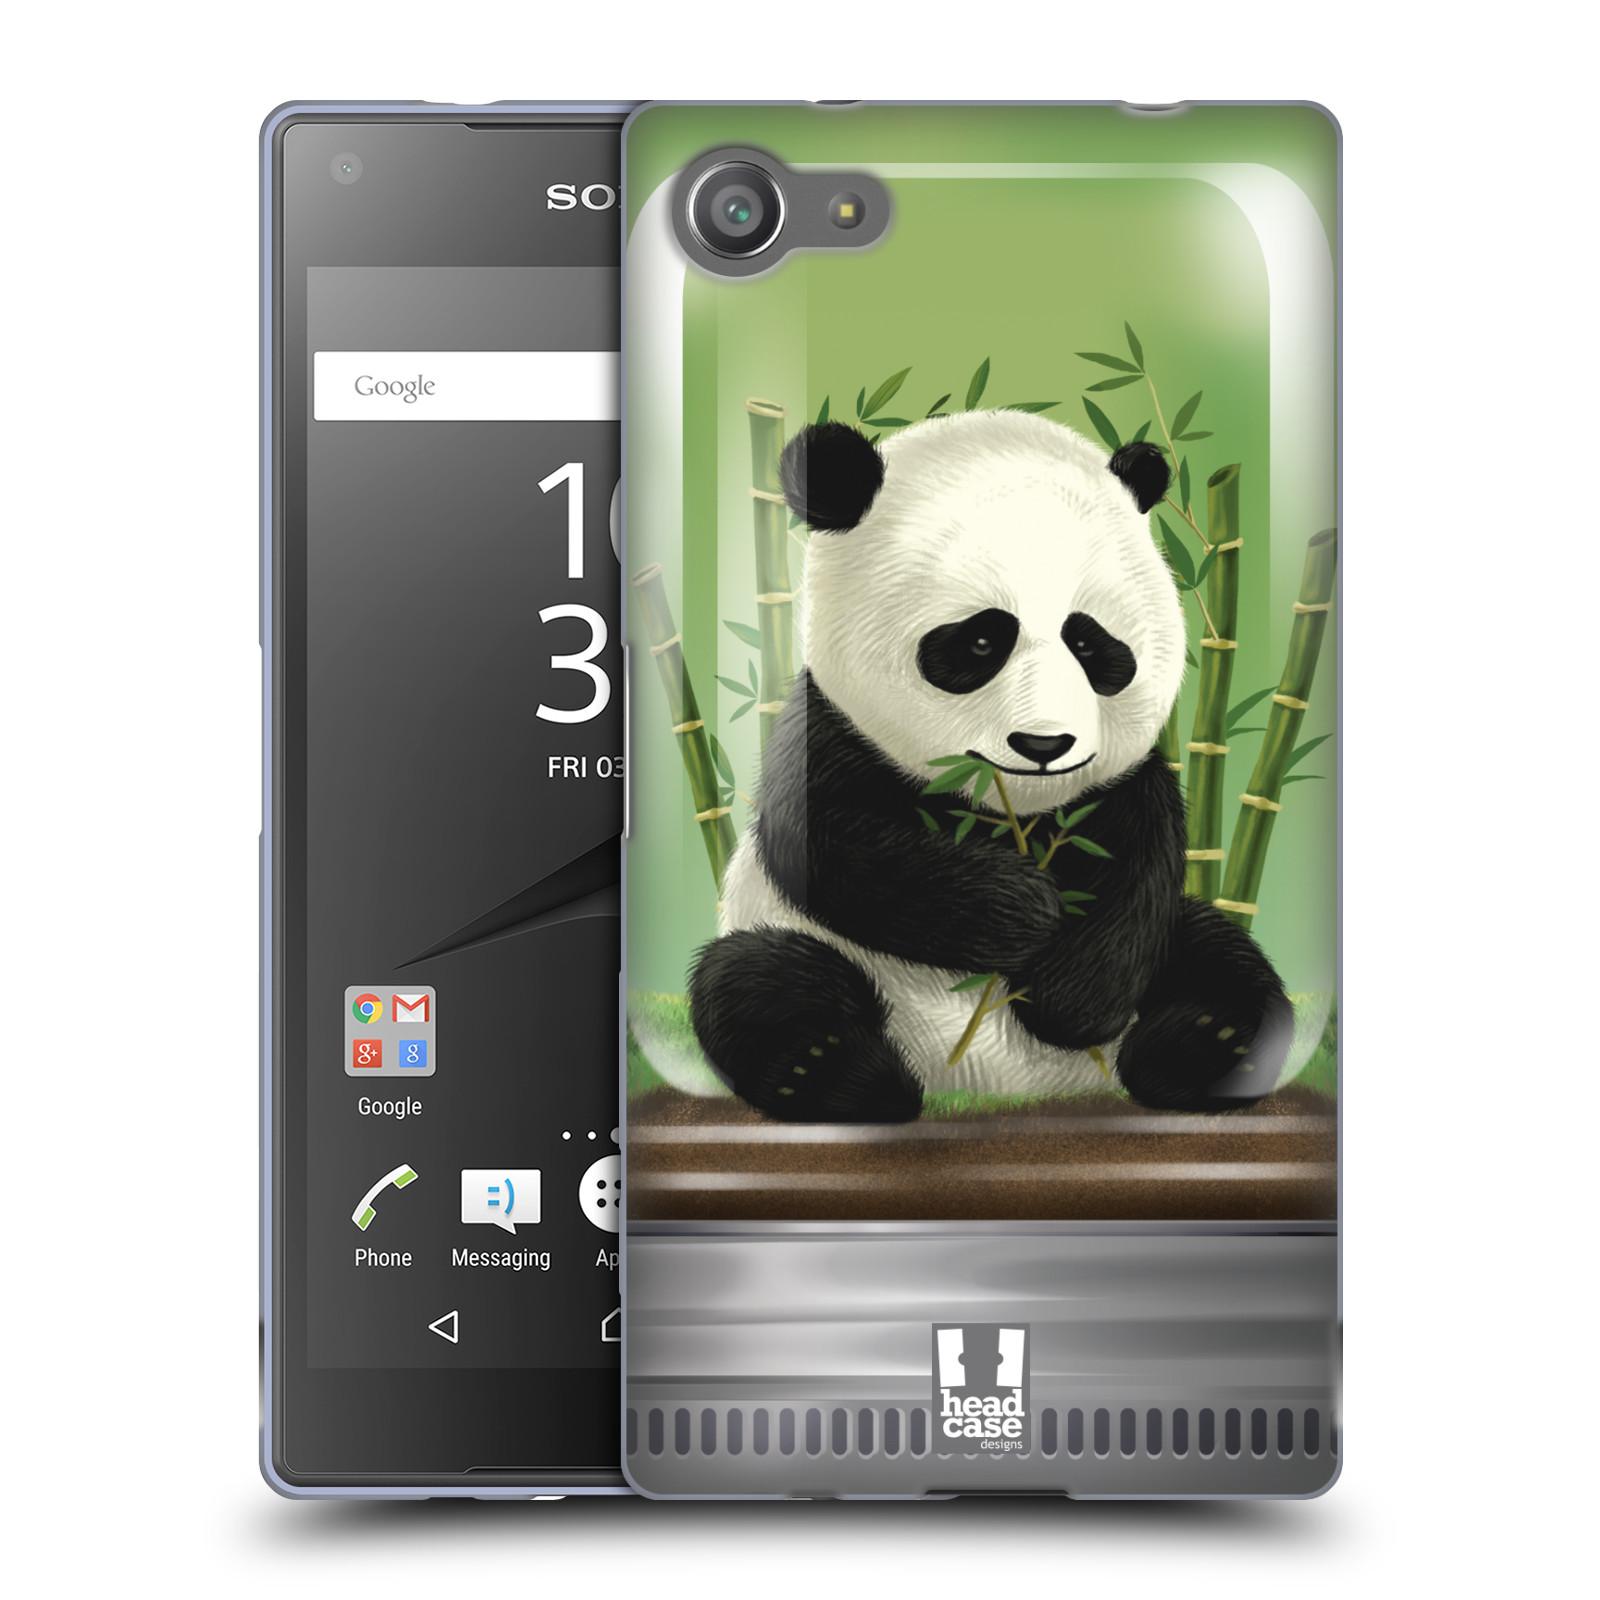 HEAD CASE silikonový obal na mobil Sony Xperia Z5 COMPACT vzor Zvířátka v těžítku panda